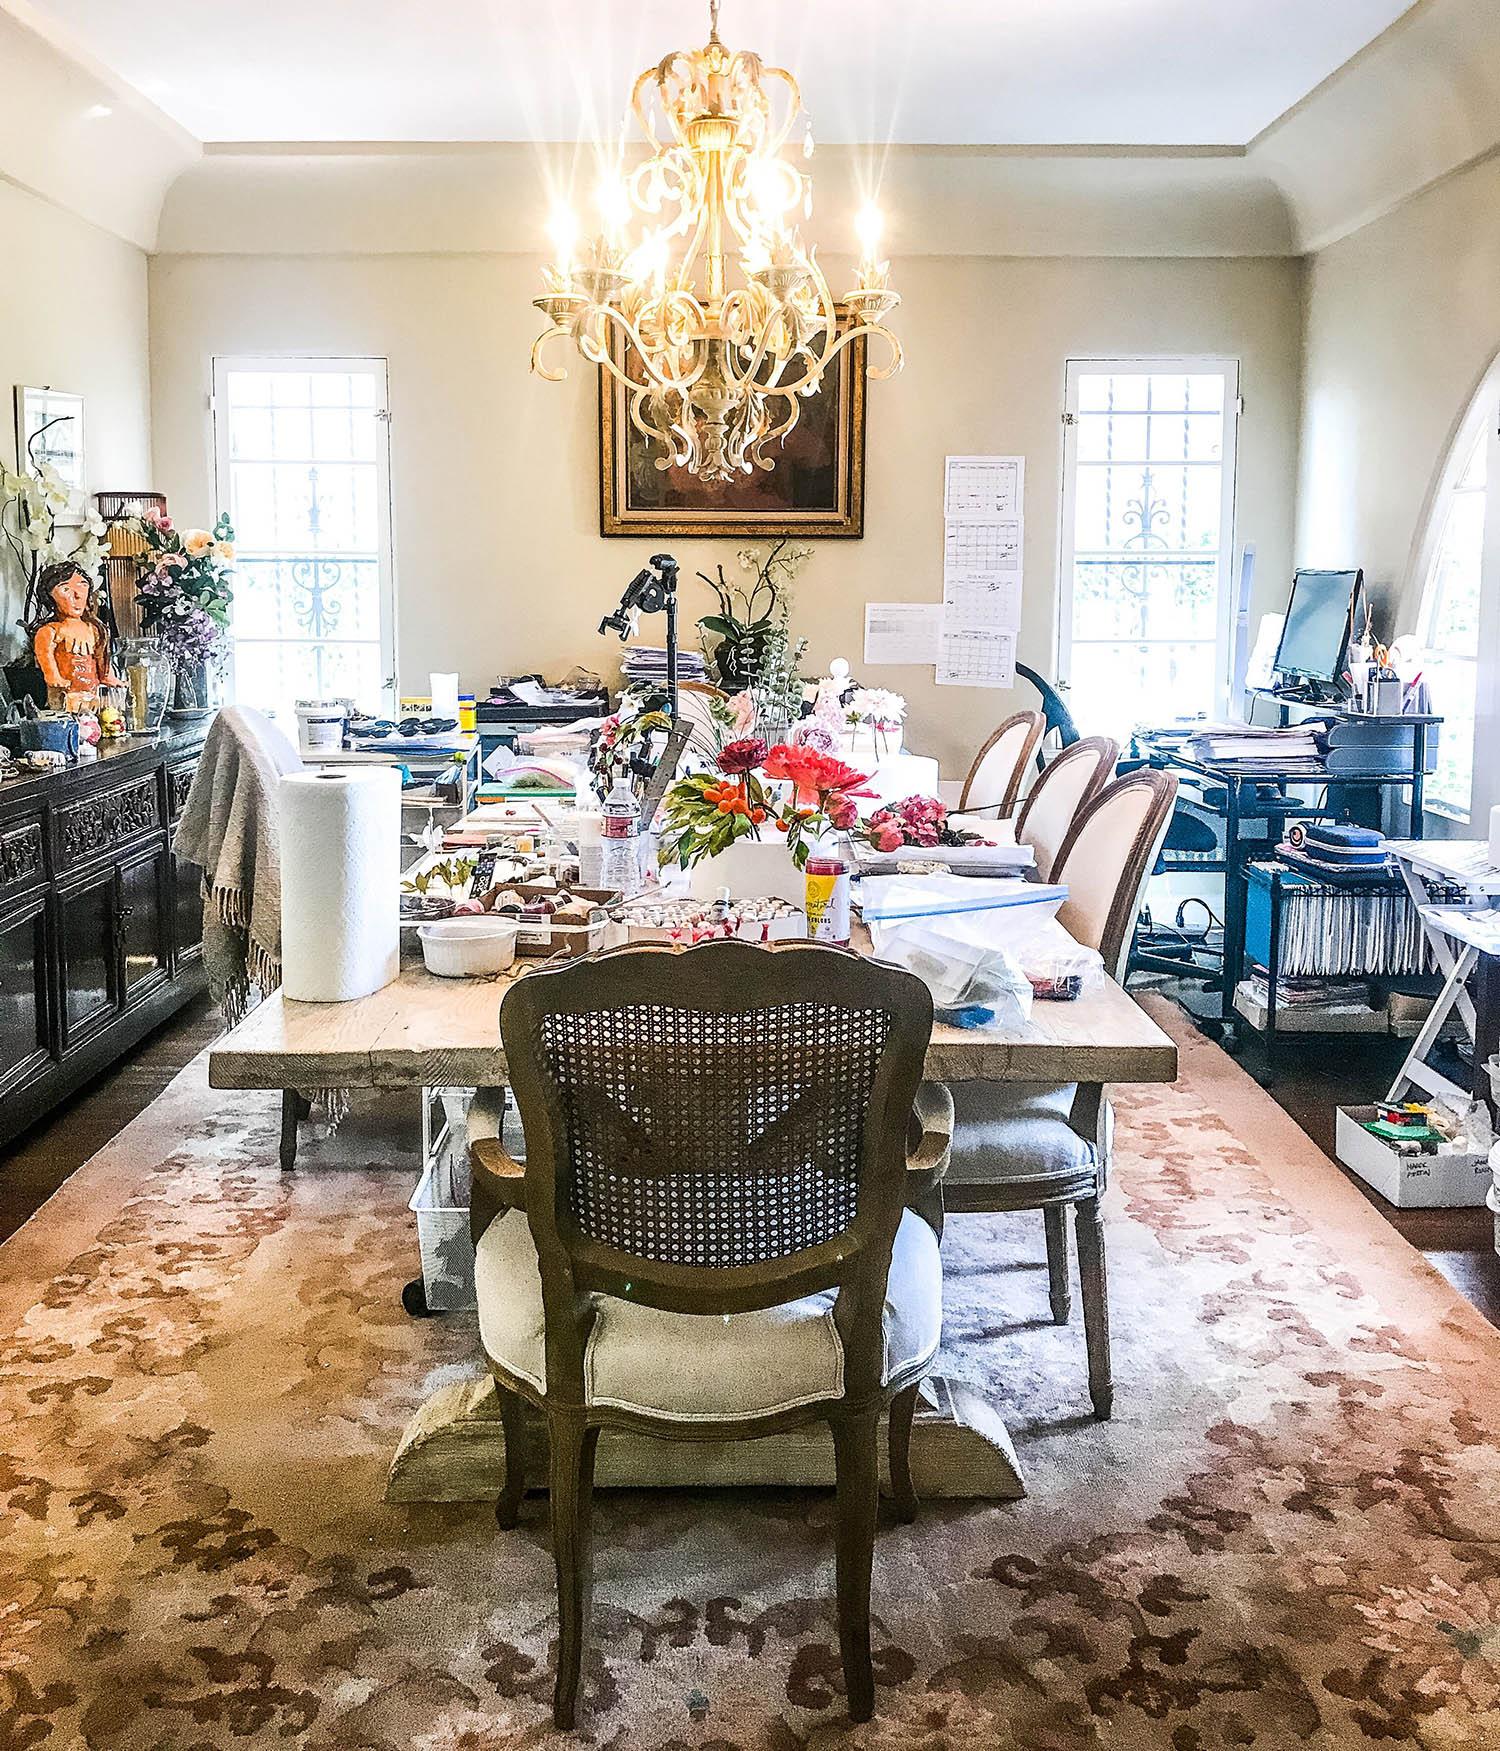 Julie's dining room